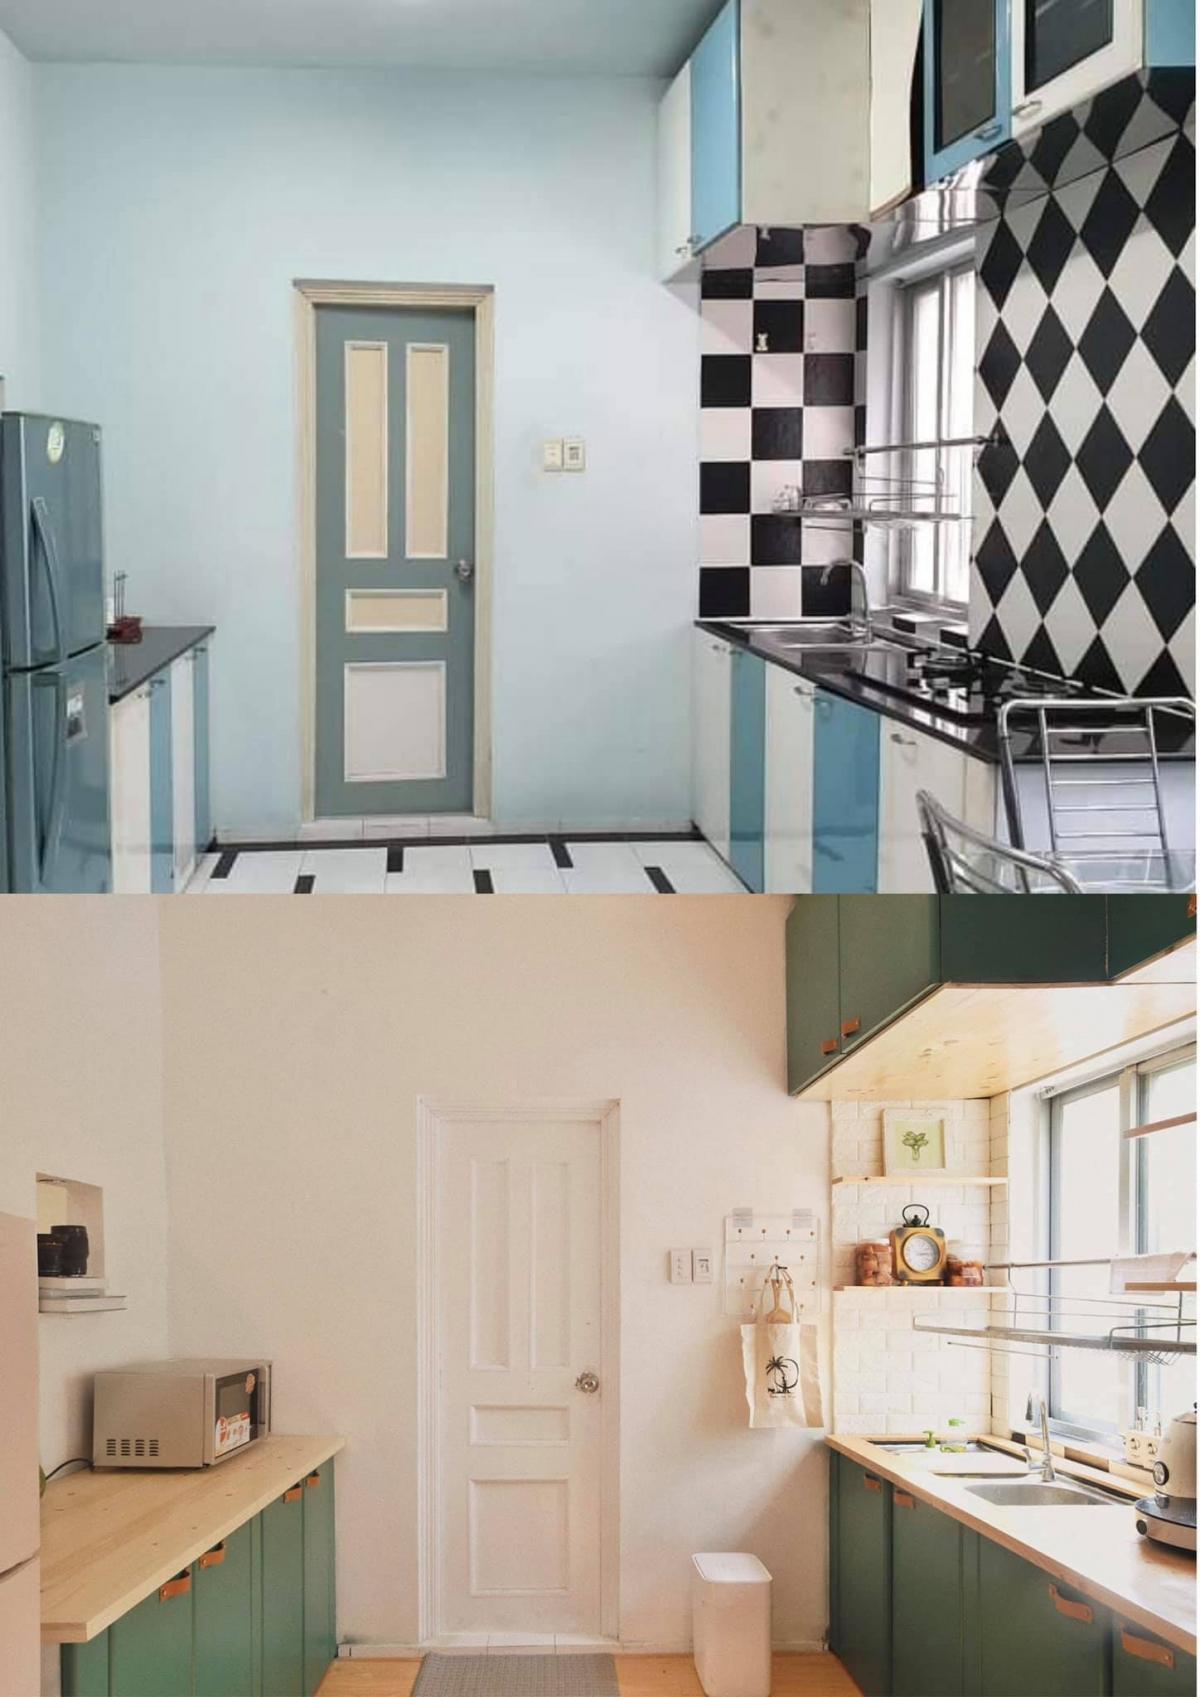 Gian bếp màu mè cũ kỹ đã được thay thế với tủ bếp màu xanh kết hợp mặt gỗ, tường trắng gợi cảm giác xinh xắn, hài hòa.